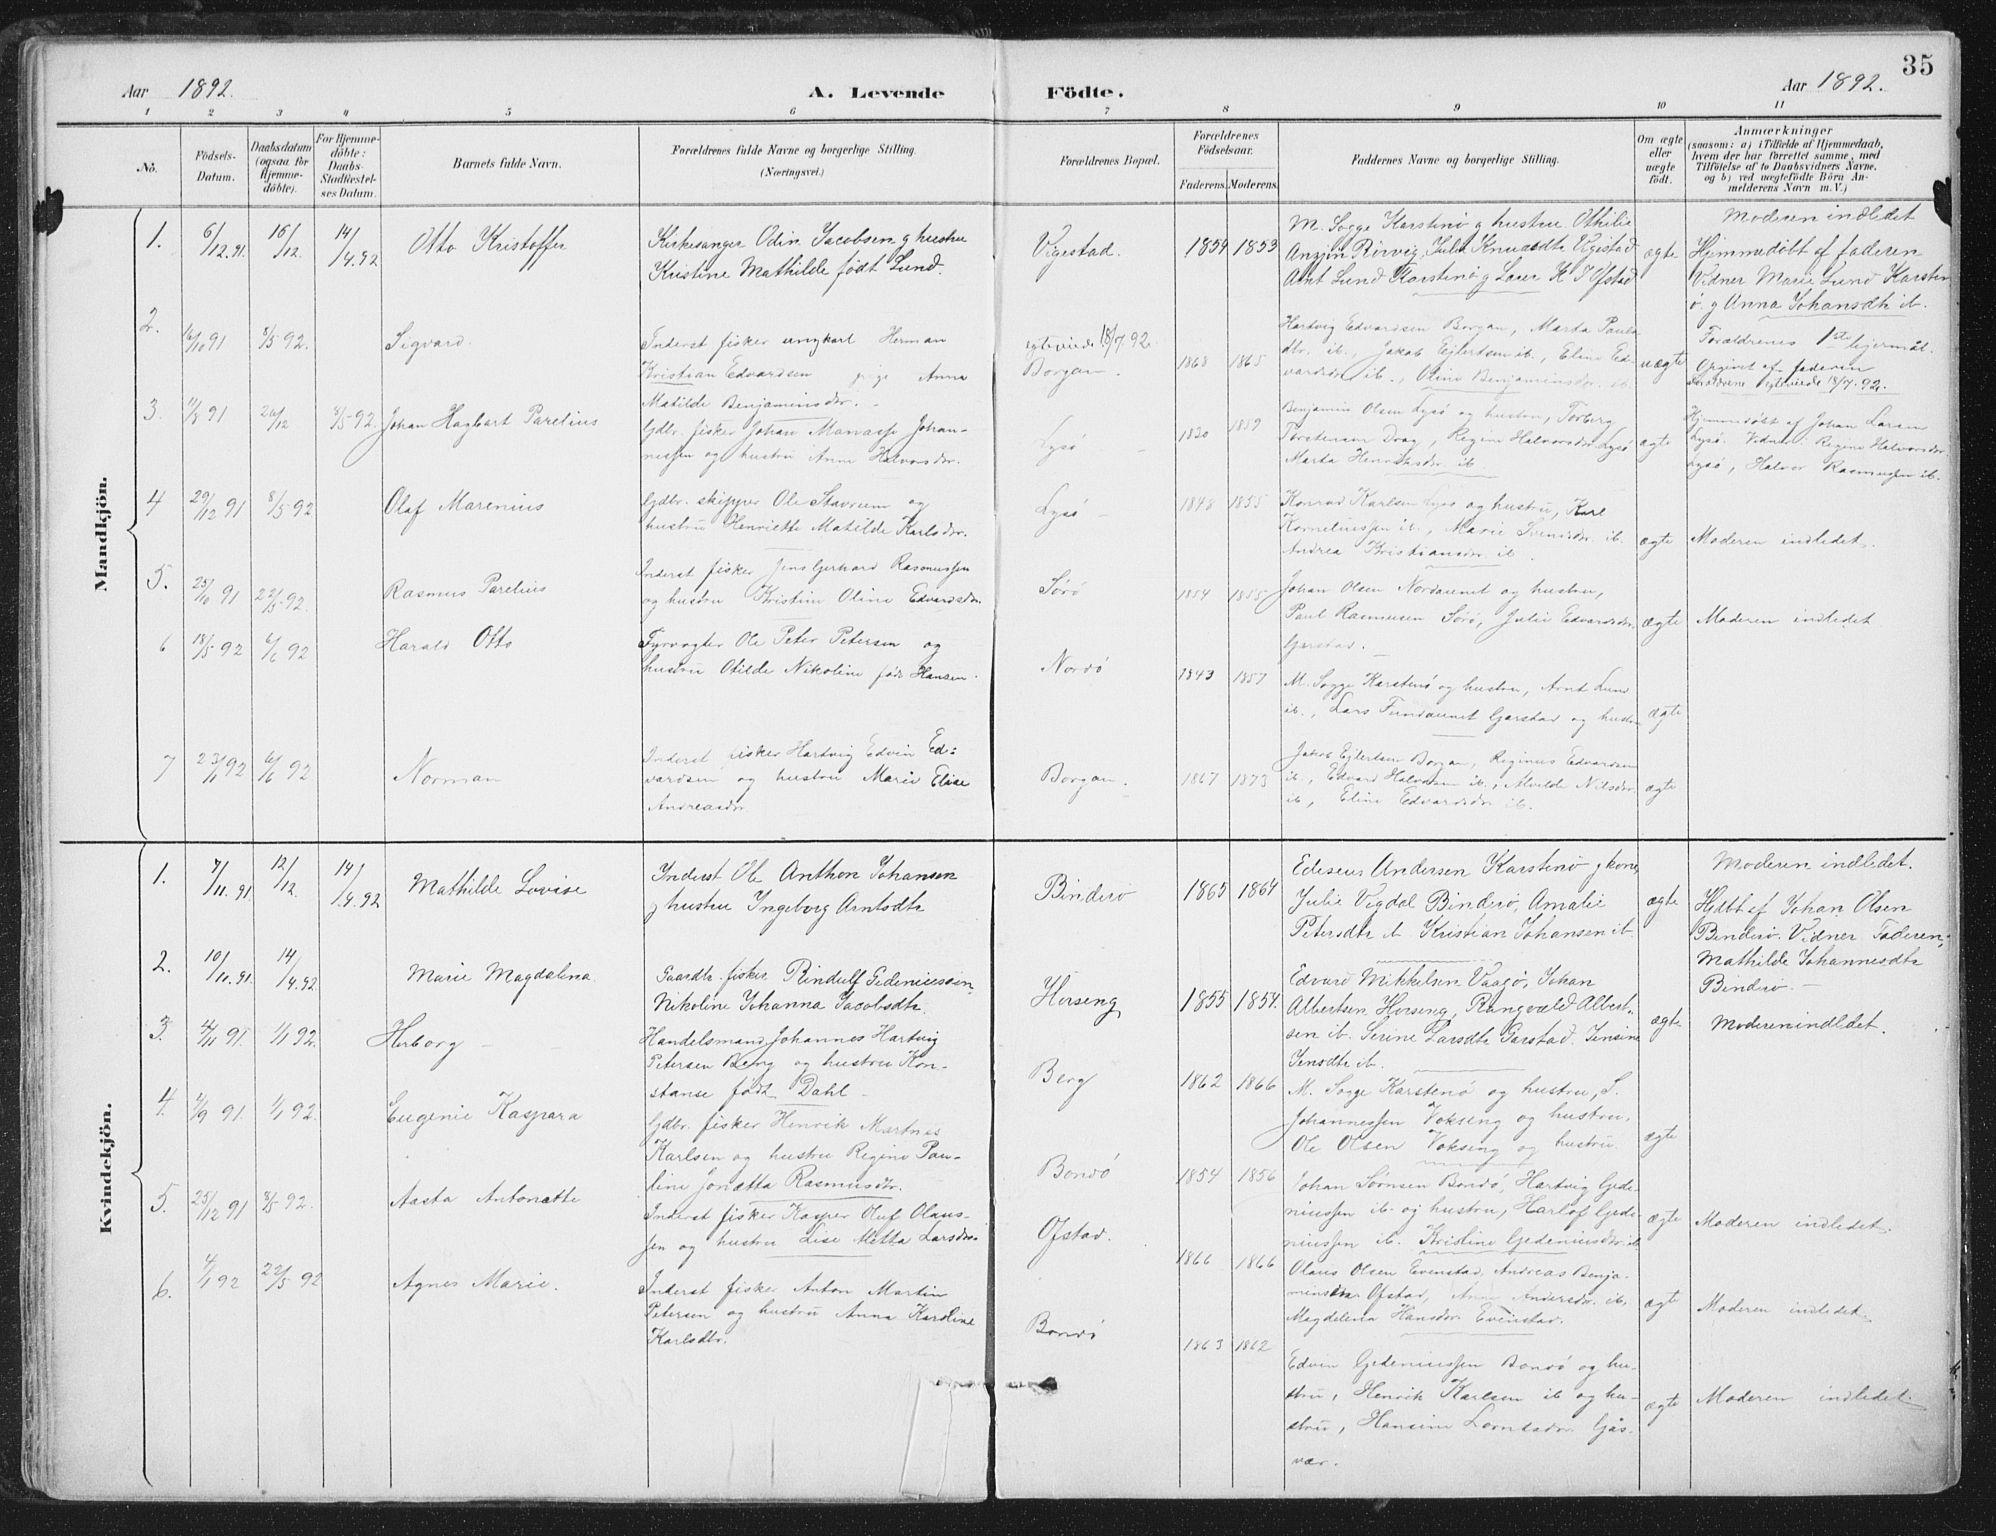 SAT, Ministerialprotokoller, klokkerbøker og fødselsregistre - Nord-Trøndelag, 786/L0687: Ministerialbok nr. 786A03, 1888-1898, s. 35